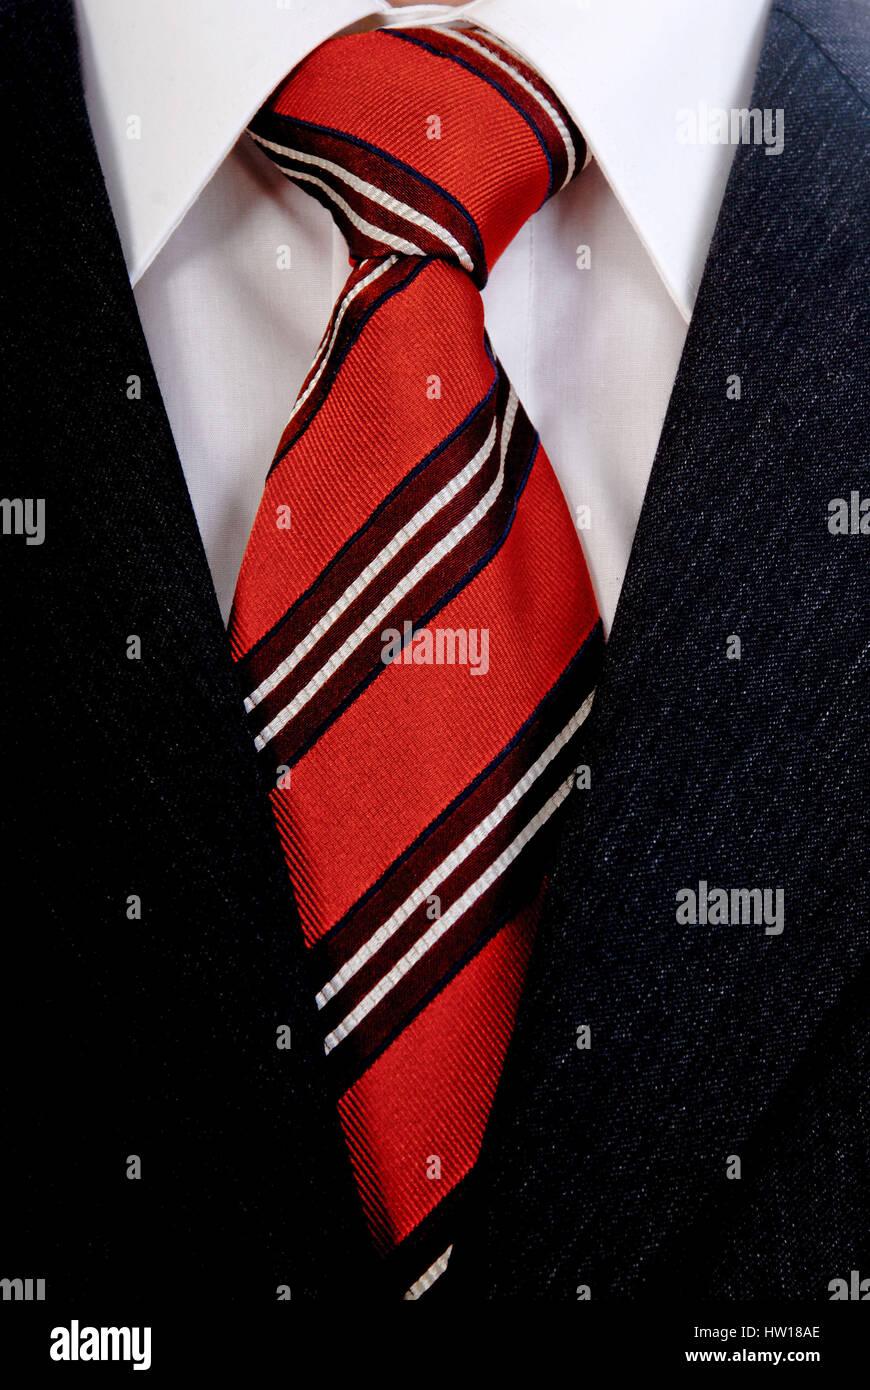 Tie knots, Krawattenknoten - Stock Image